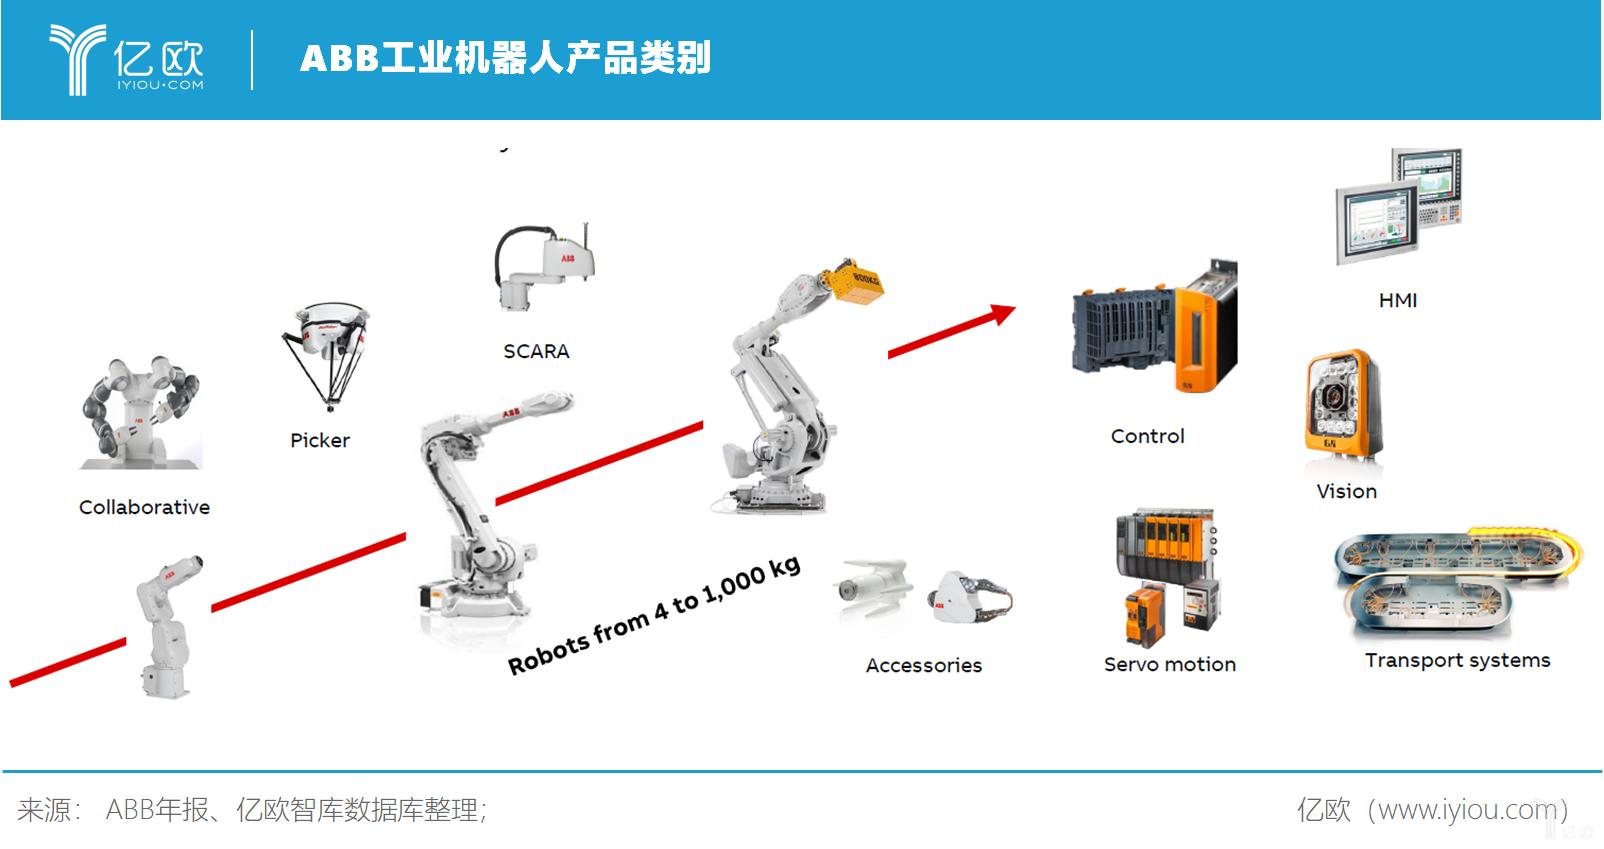 亿欧智库:ABB工业机器人产品类别